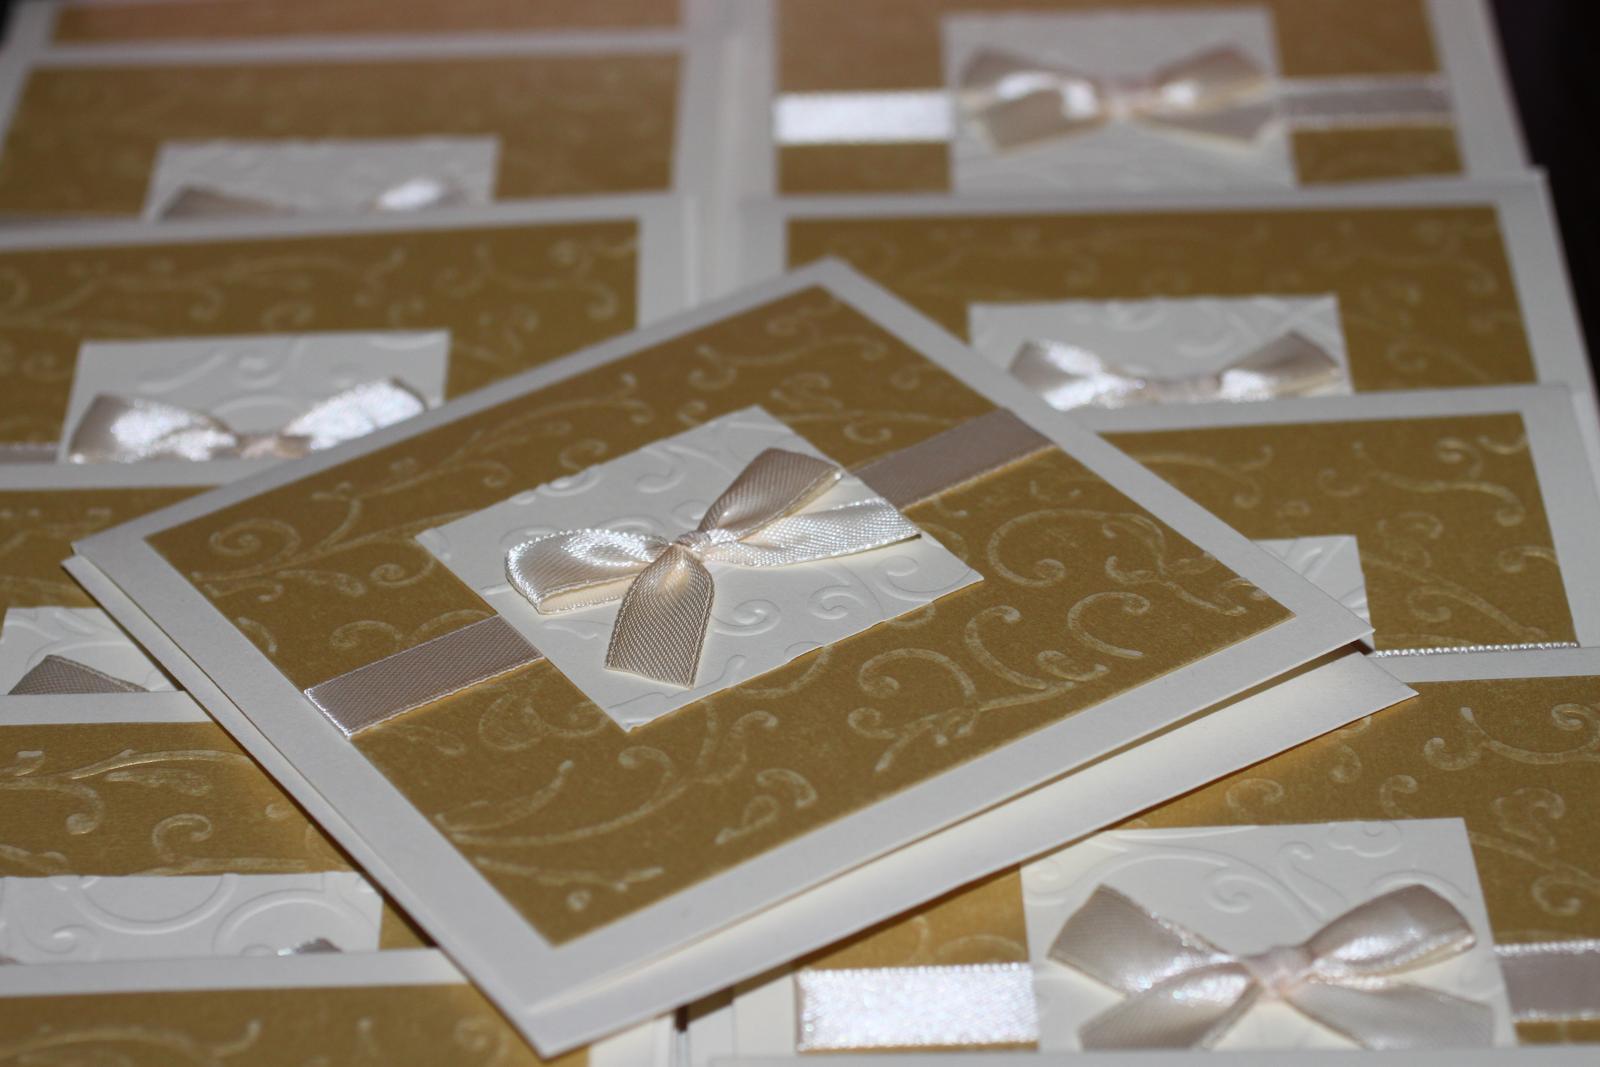 Naše prvé svadobné návrhy a prípravy - Bola to makačka, ale zvládli sme to :) 60 kusov myslím bude stačiť. Ak nie, tak ešte dorobíme :)